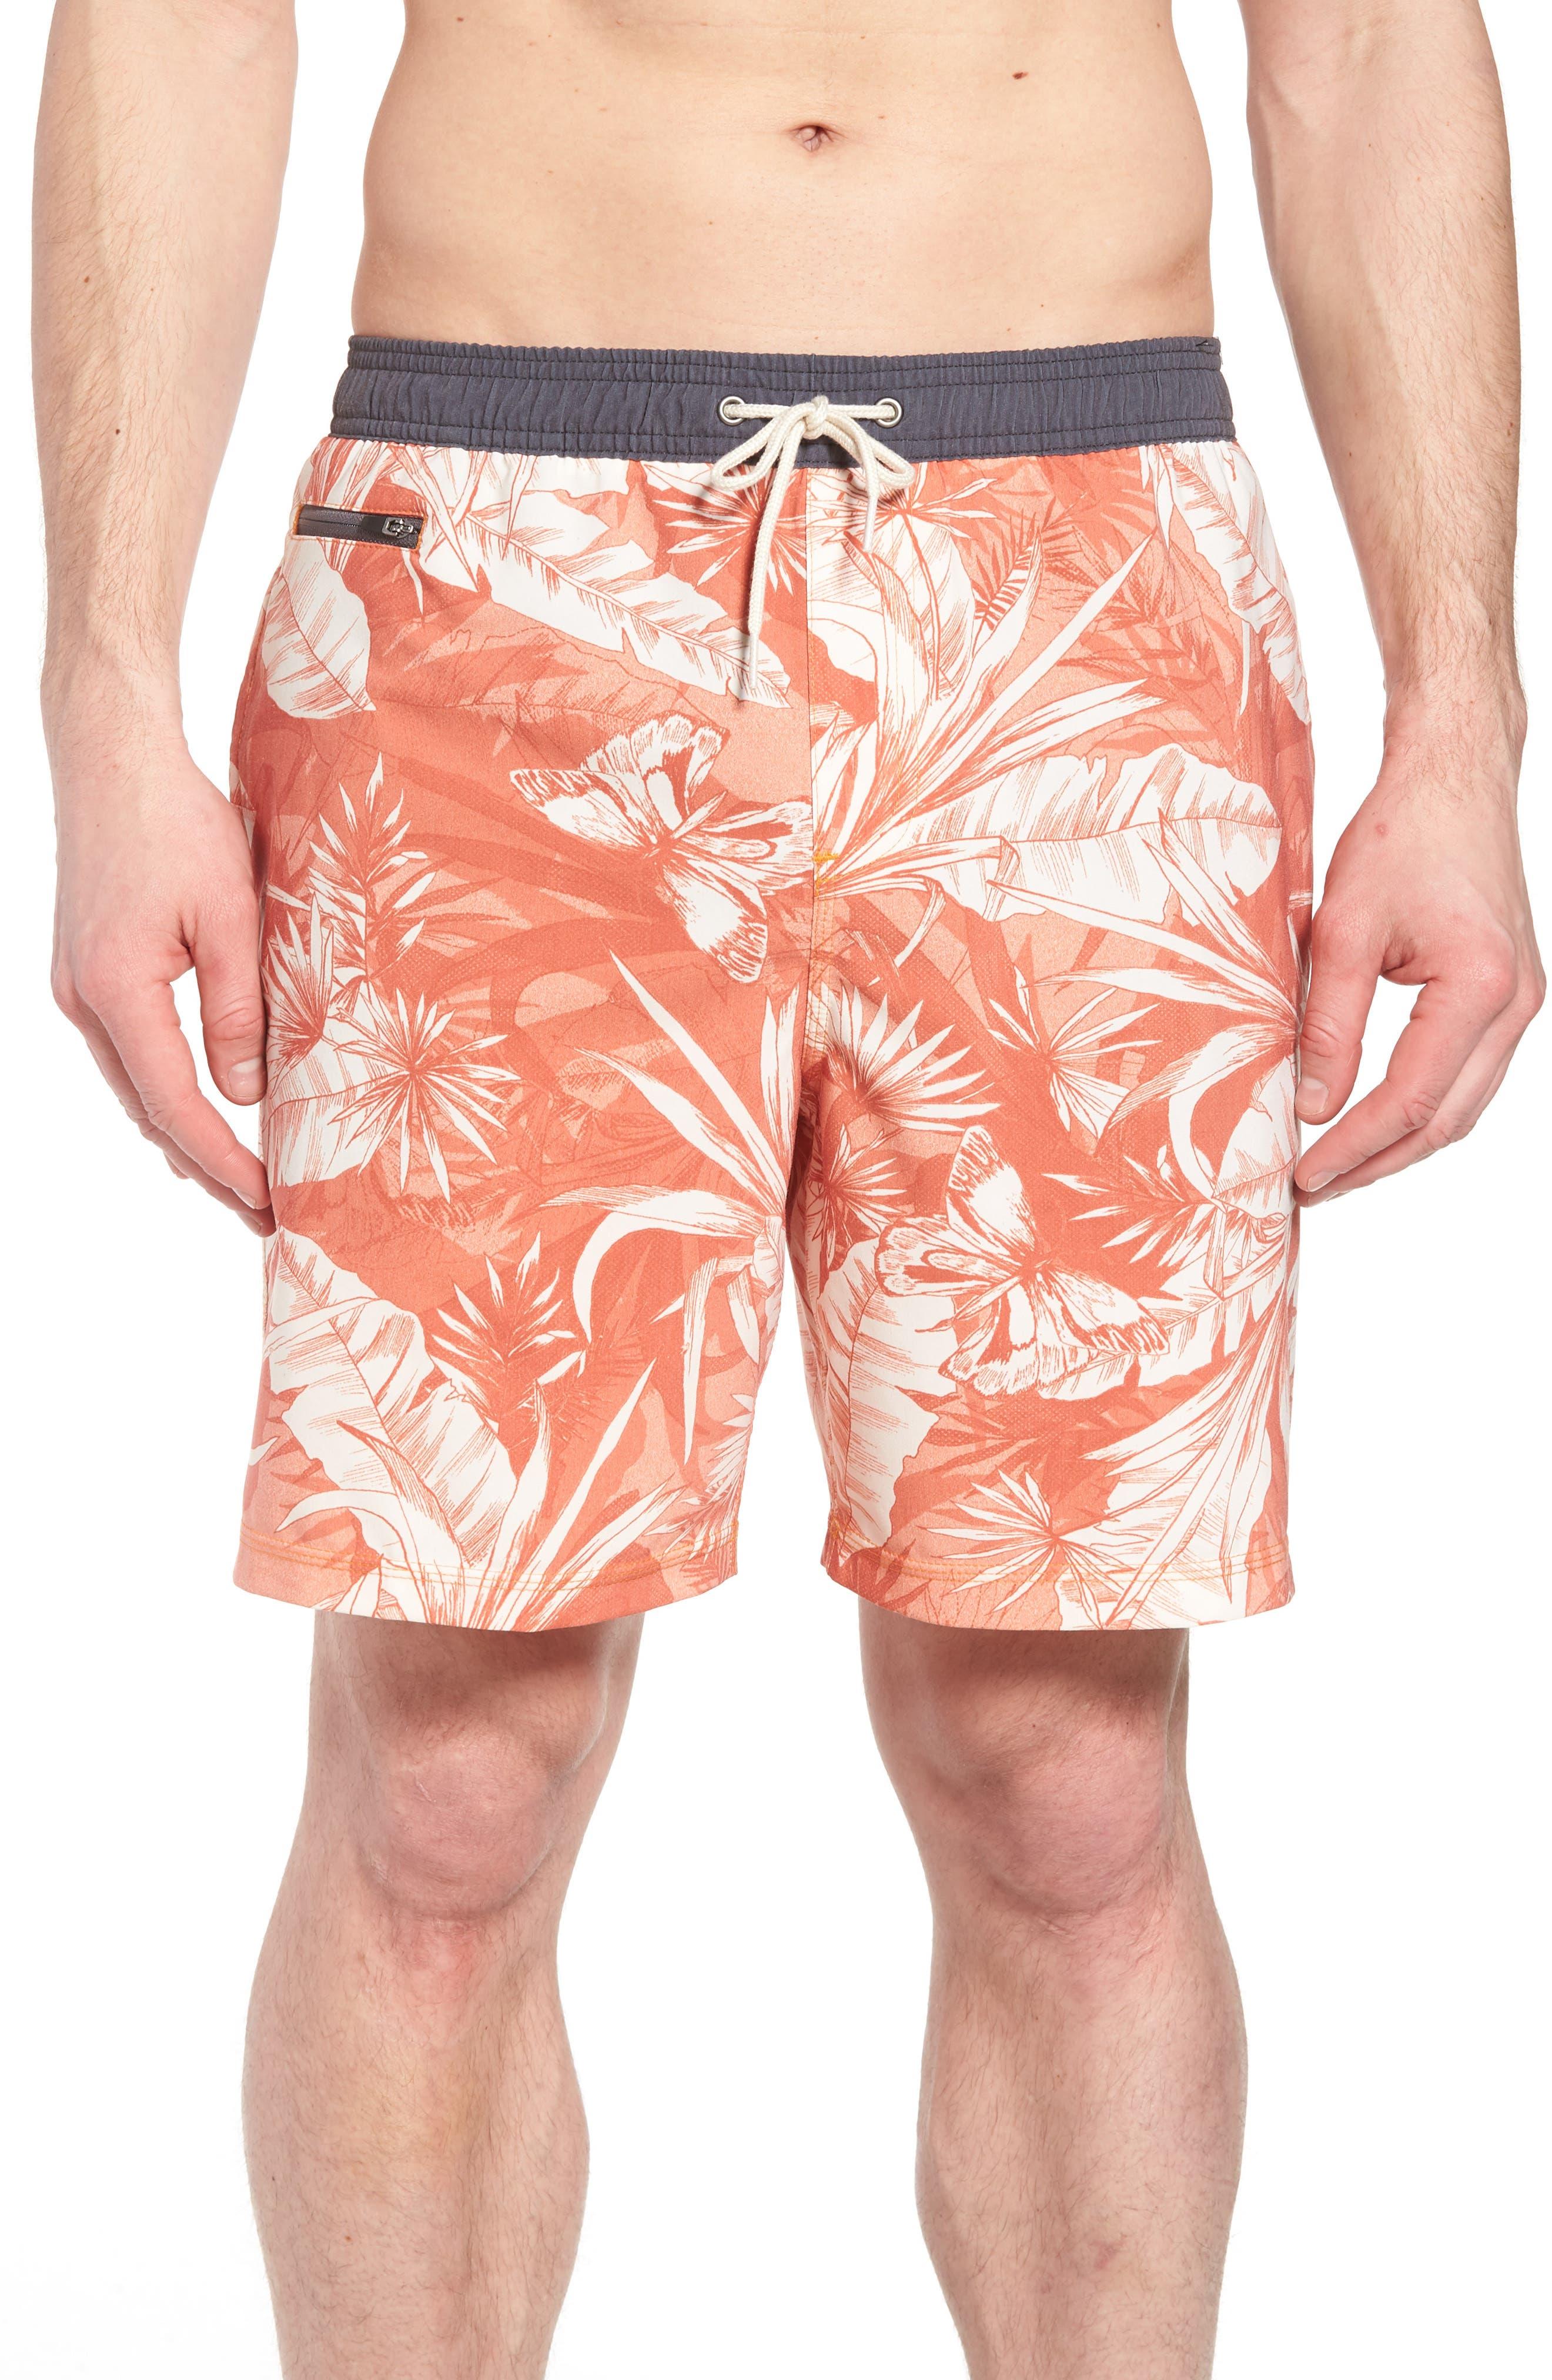 Sunset Board Shorts,                             Main thumbnail 1, color,                             214